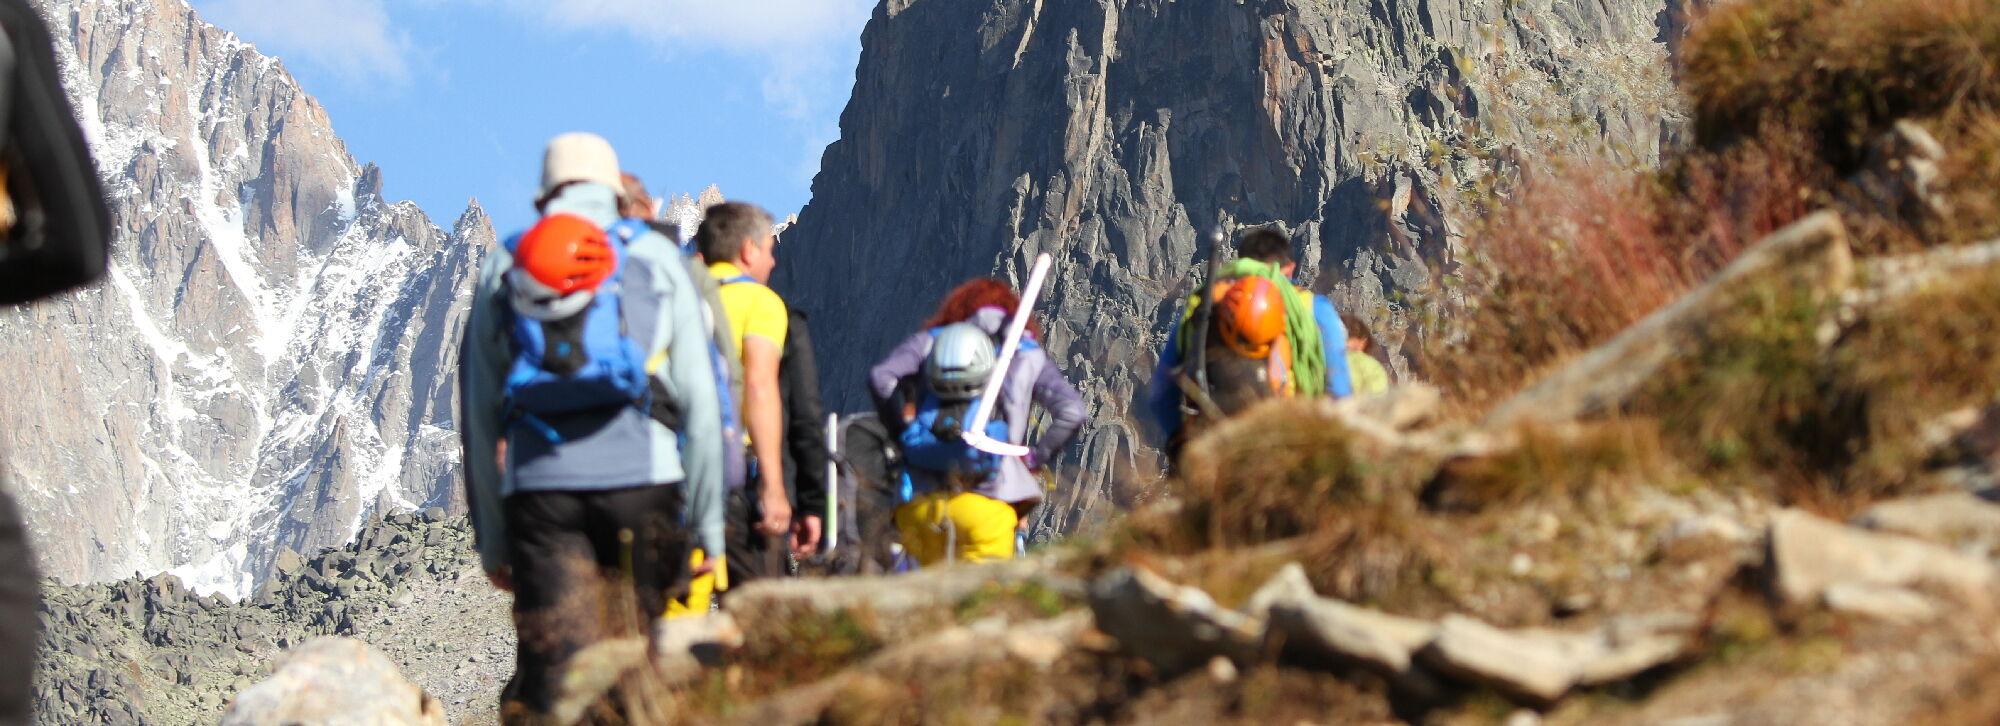 Bergwanderer Gruppe in Chamonix